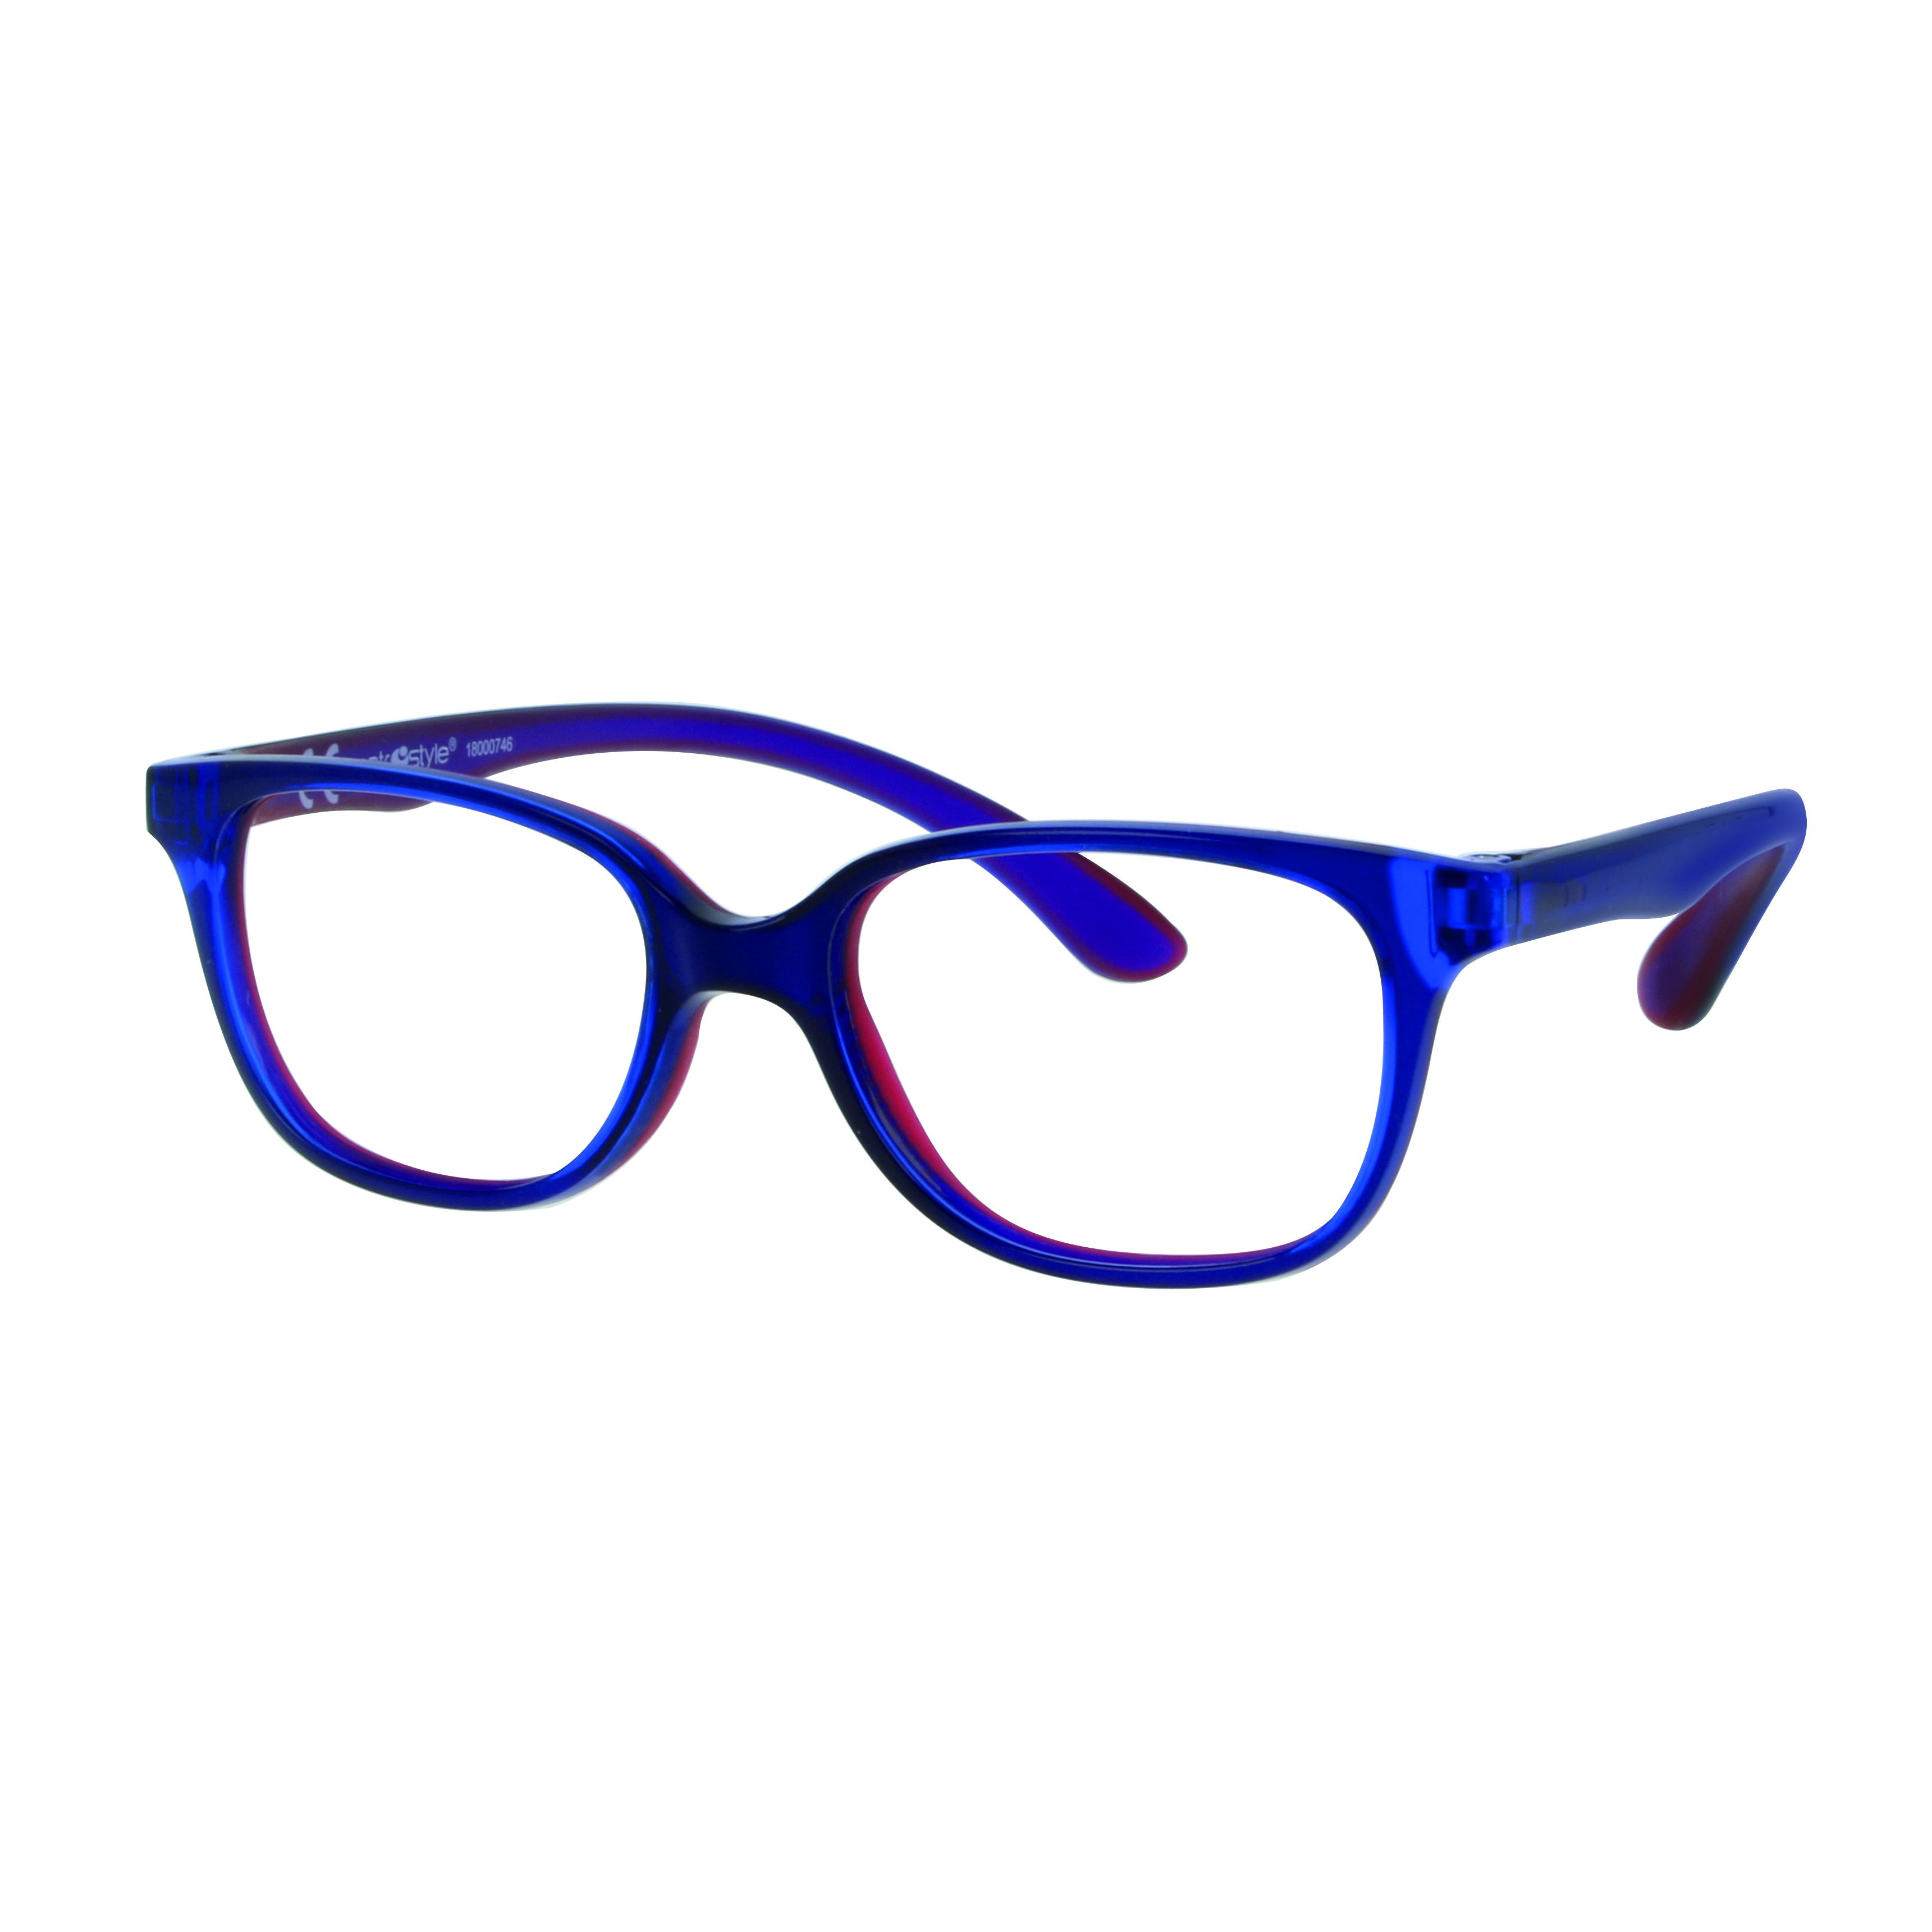 02F008344151000 - Armação Inf Active Rubber TR90/Goma 44x15 Azul/Vermelho Mod F008344151000  -Contém 1 Peça